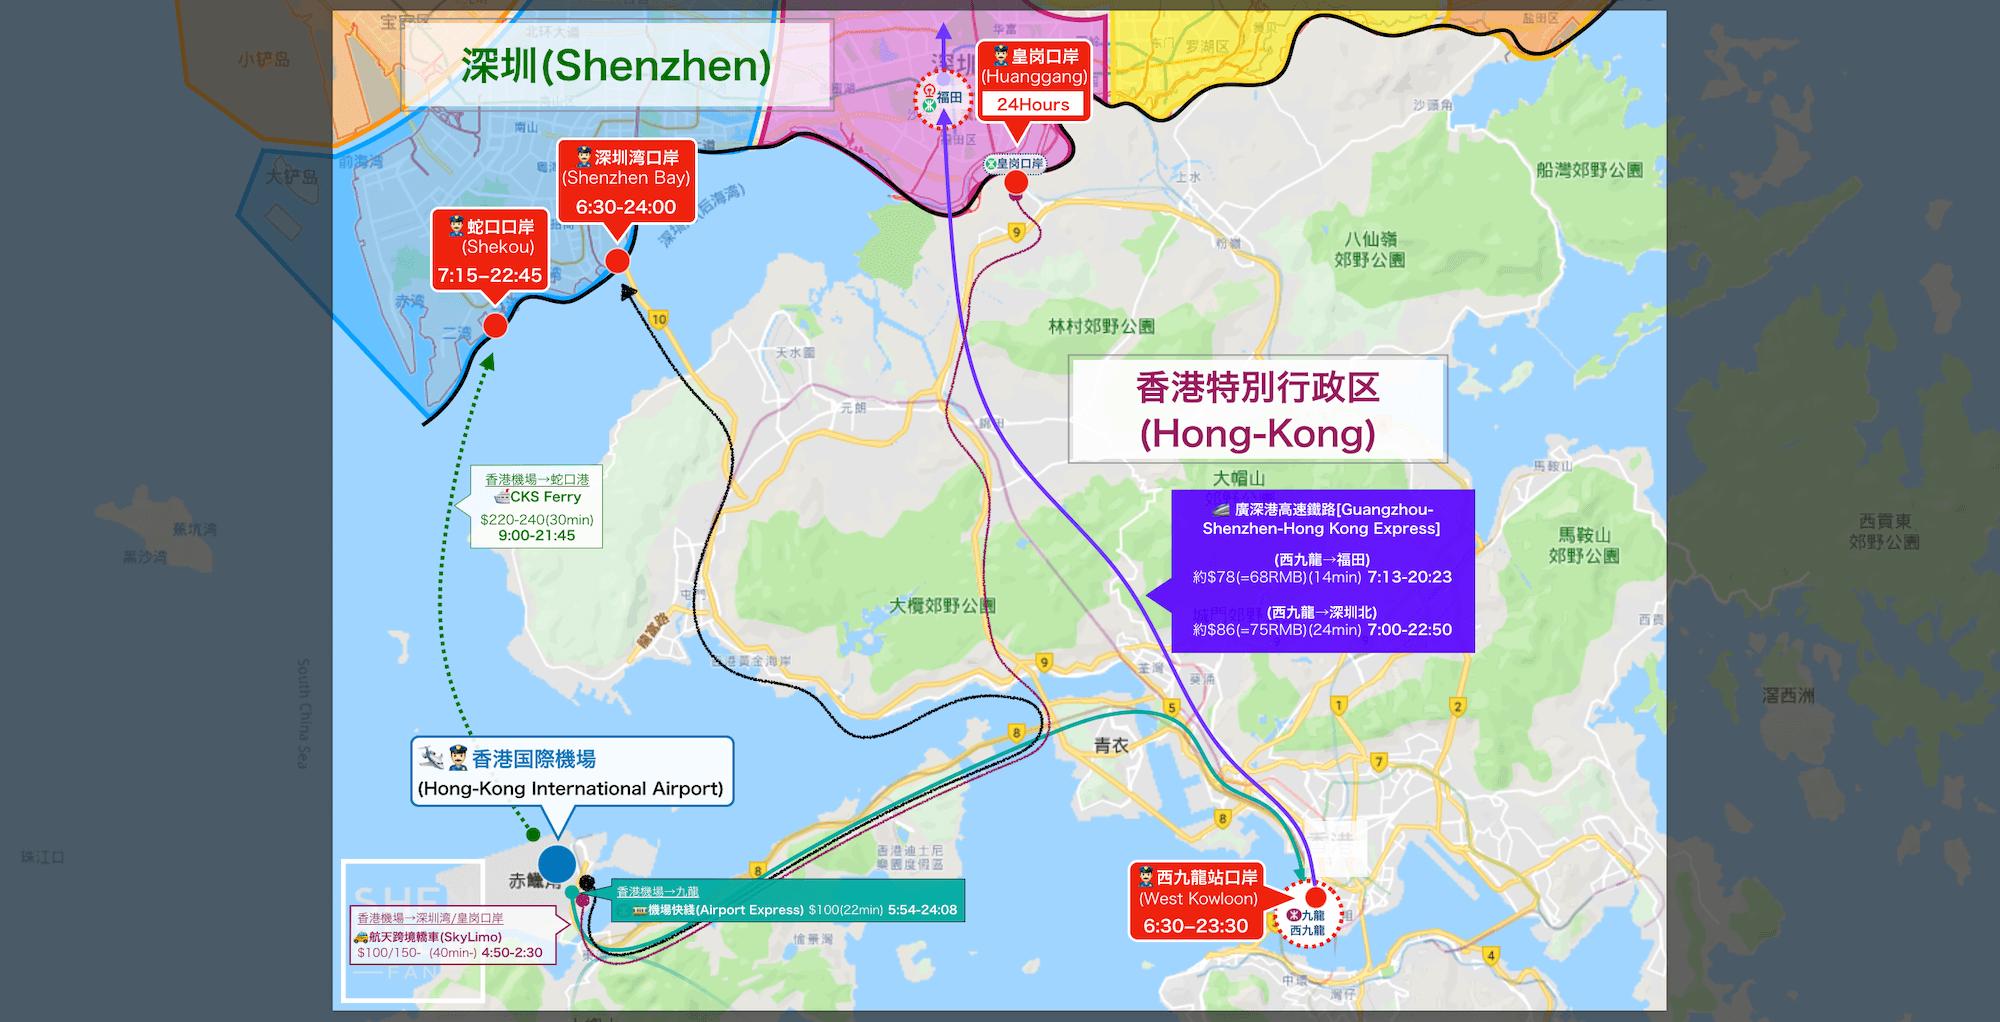 【2019年版】香港空港から深センに安全に移動する3つの方法 (2019.11.18 追記)